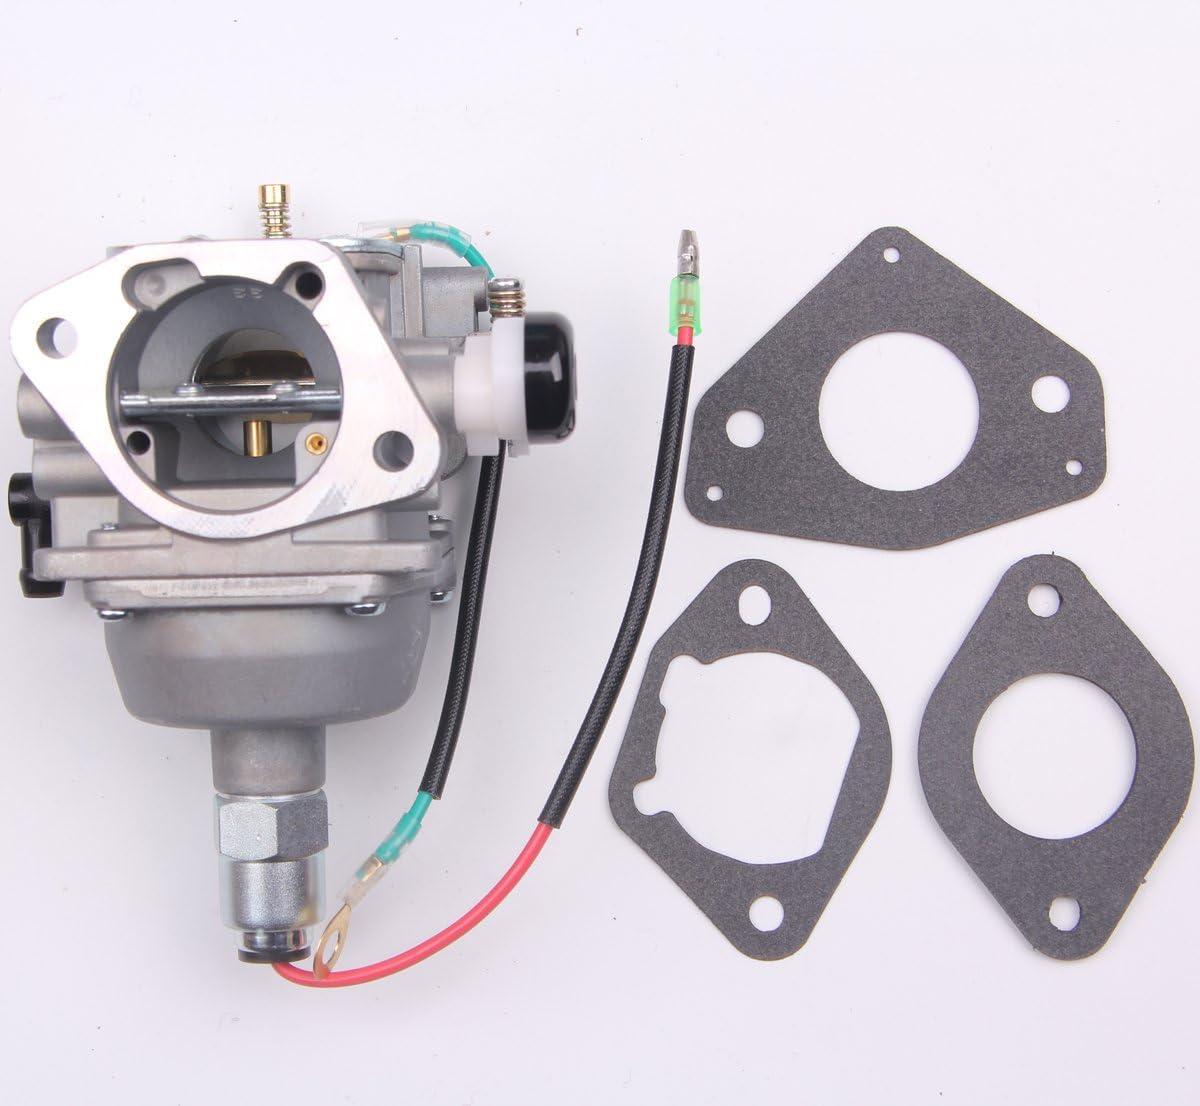 Amazon Com Goodbest New Carburetor For Kohler 23 24 25 26 27 Hp Motor Toro Lawn Tractor 32 853 12 S Garden Outdoor